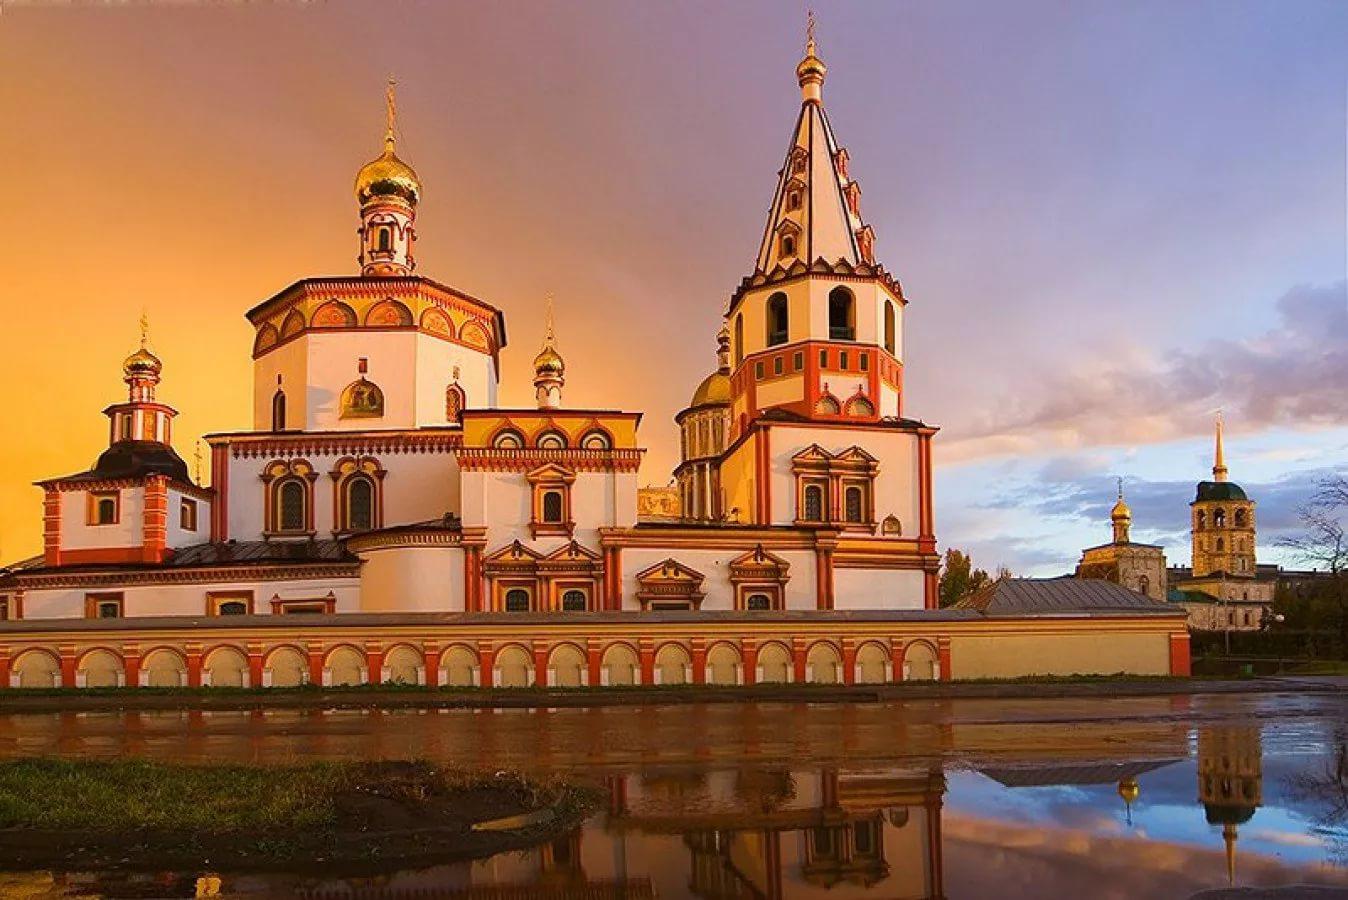 Собор Богоявления Господня (Богоявленский собор), Иркутск